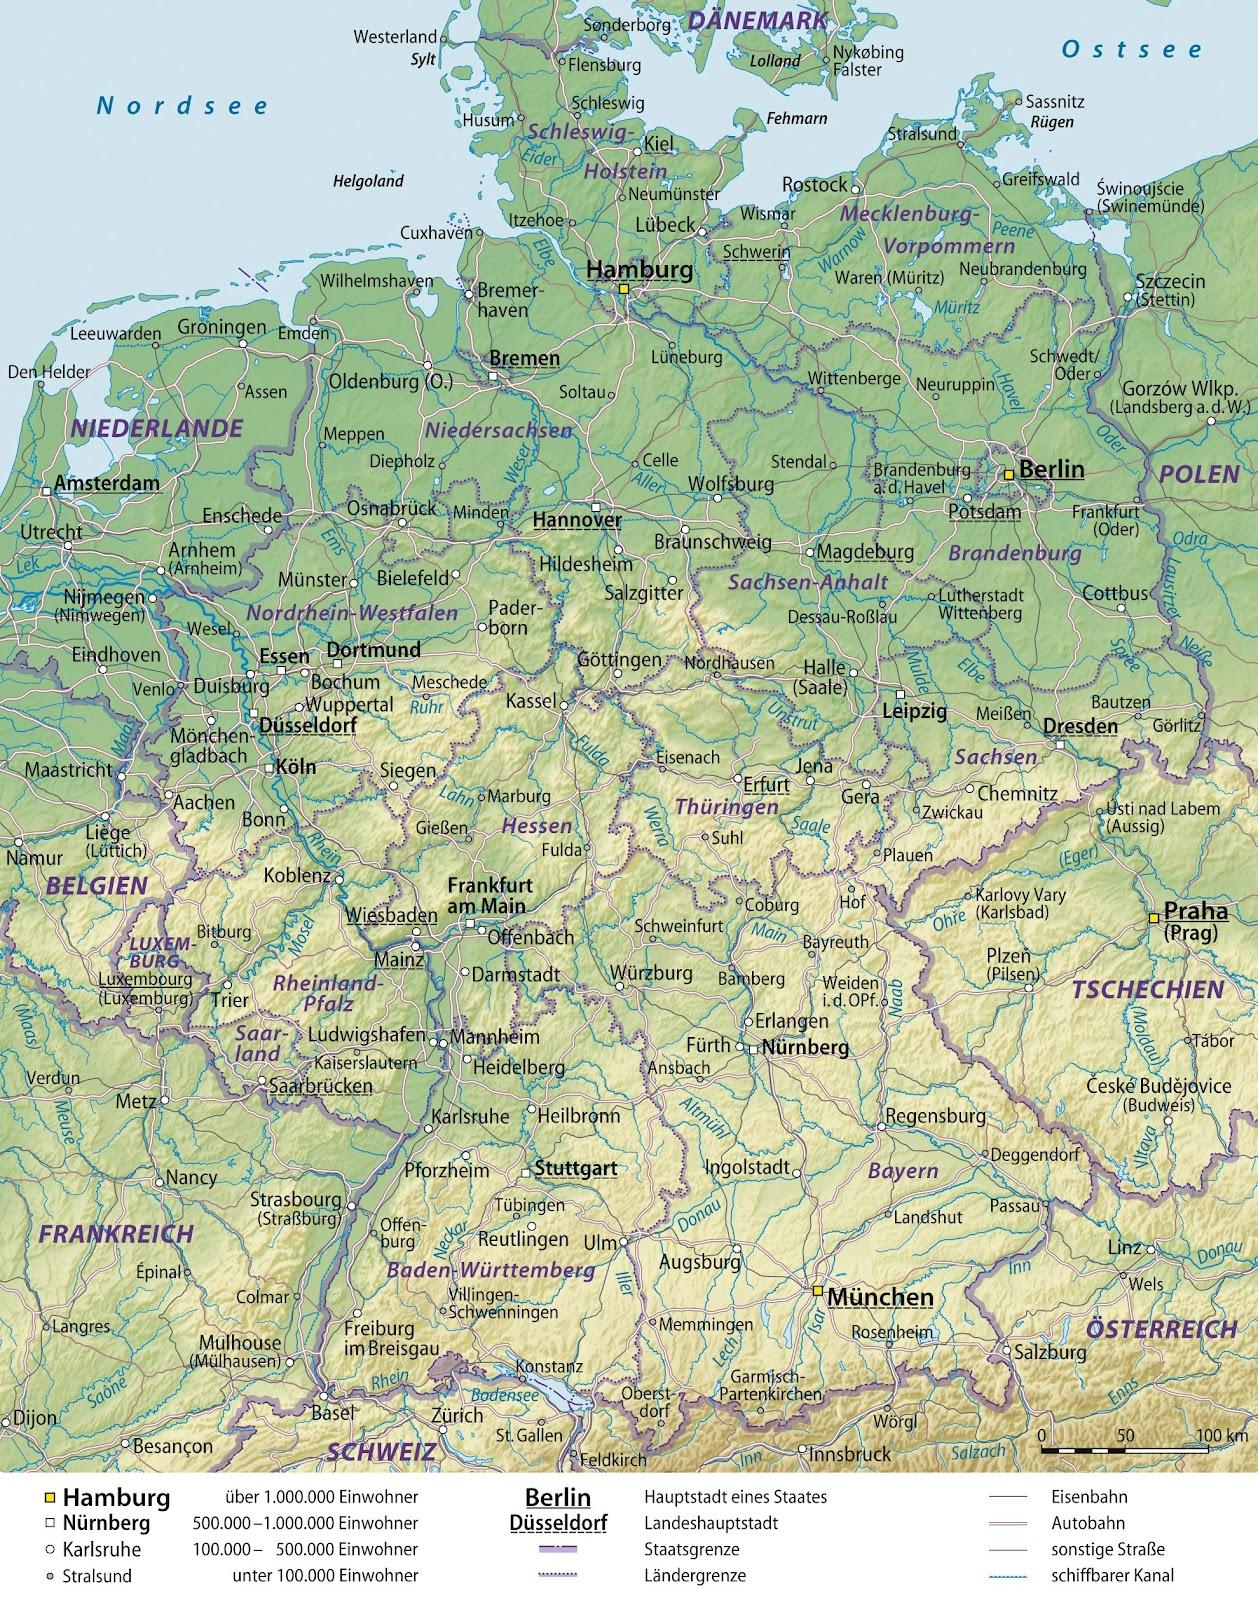 landkarte deutschland physisch Physische Landkarte von Deutschland (mit Verwaltungsgrenzen